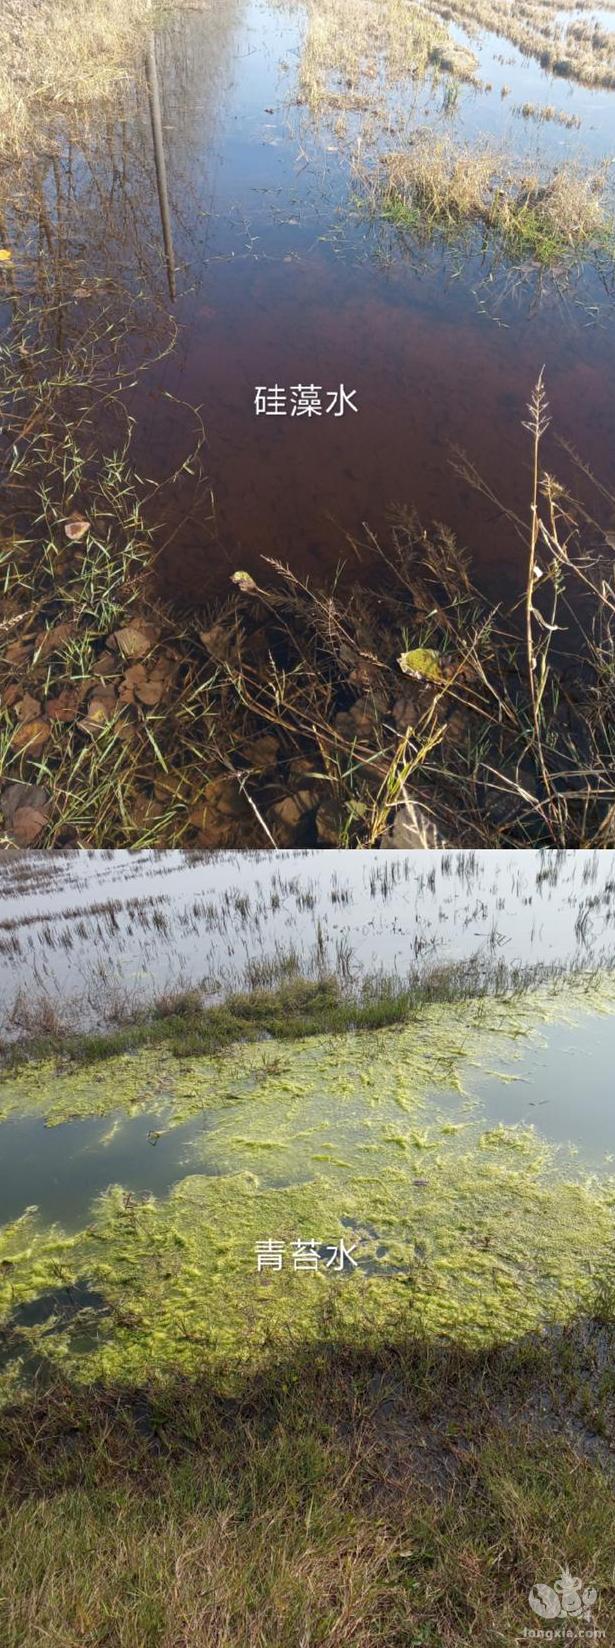 冬季虾田青苔过多,小龙虾养殖户可以通过培育硅藻水来抑制青苔